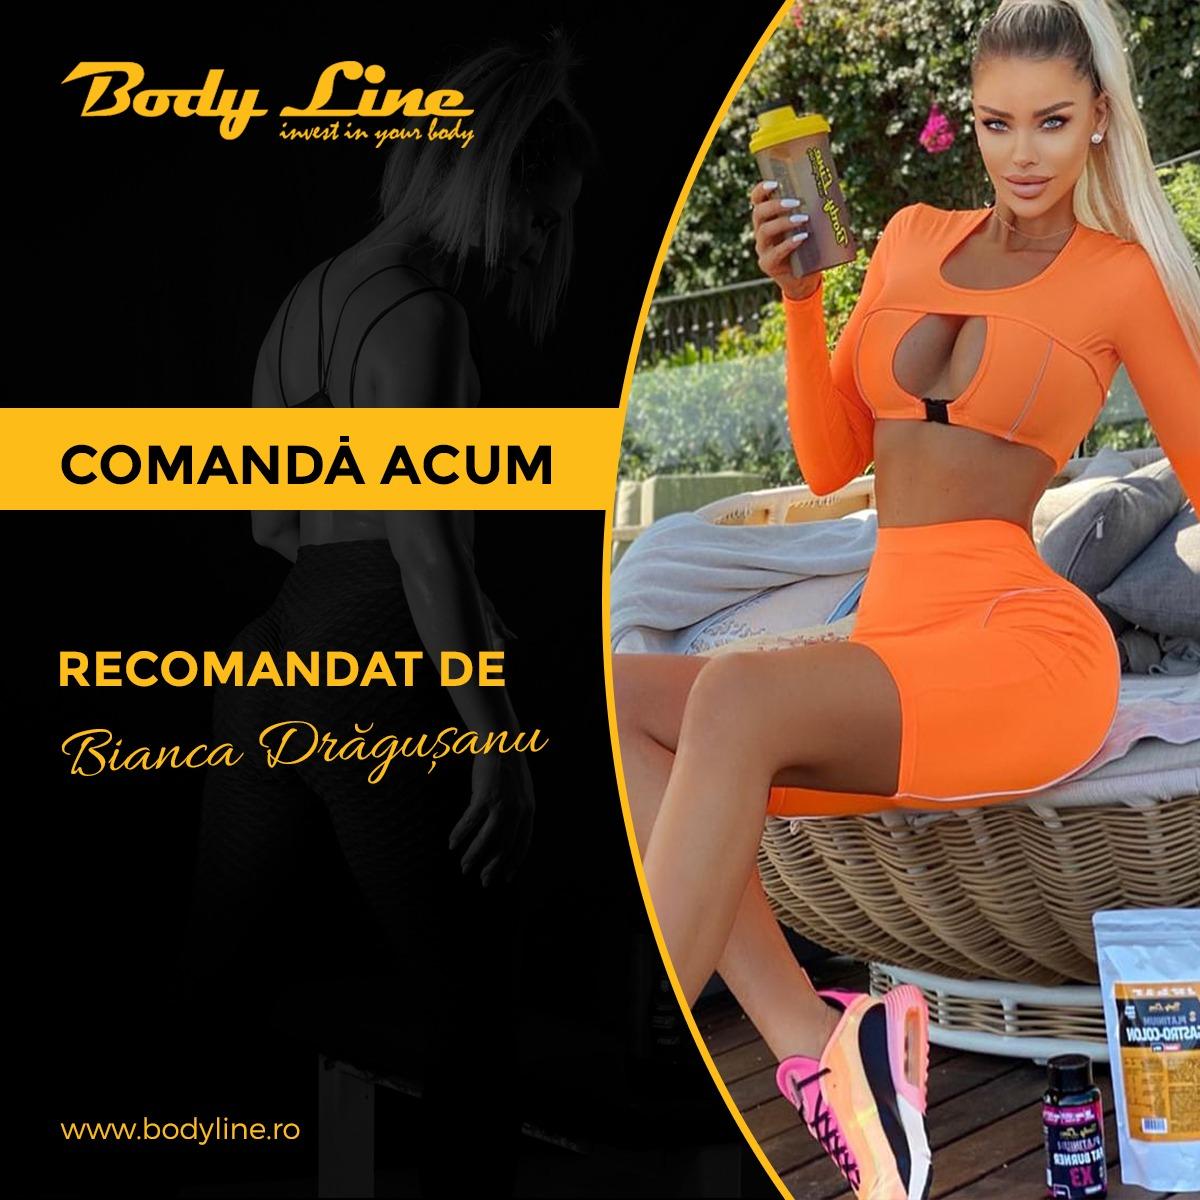 BODY LINE SLIM 2 - SLABESTI FARA MISCARE - RECOMANDAT DE BIANCA DRAGUSANU